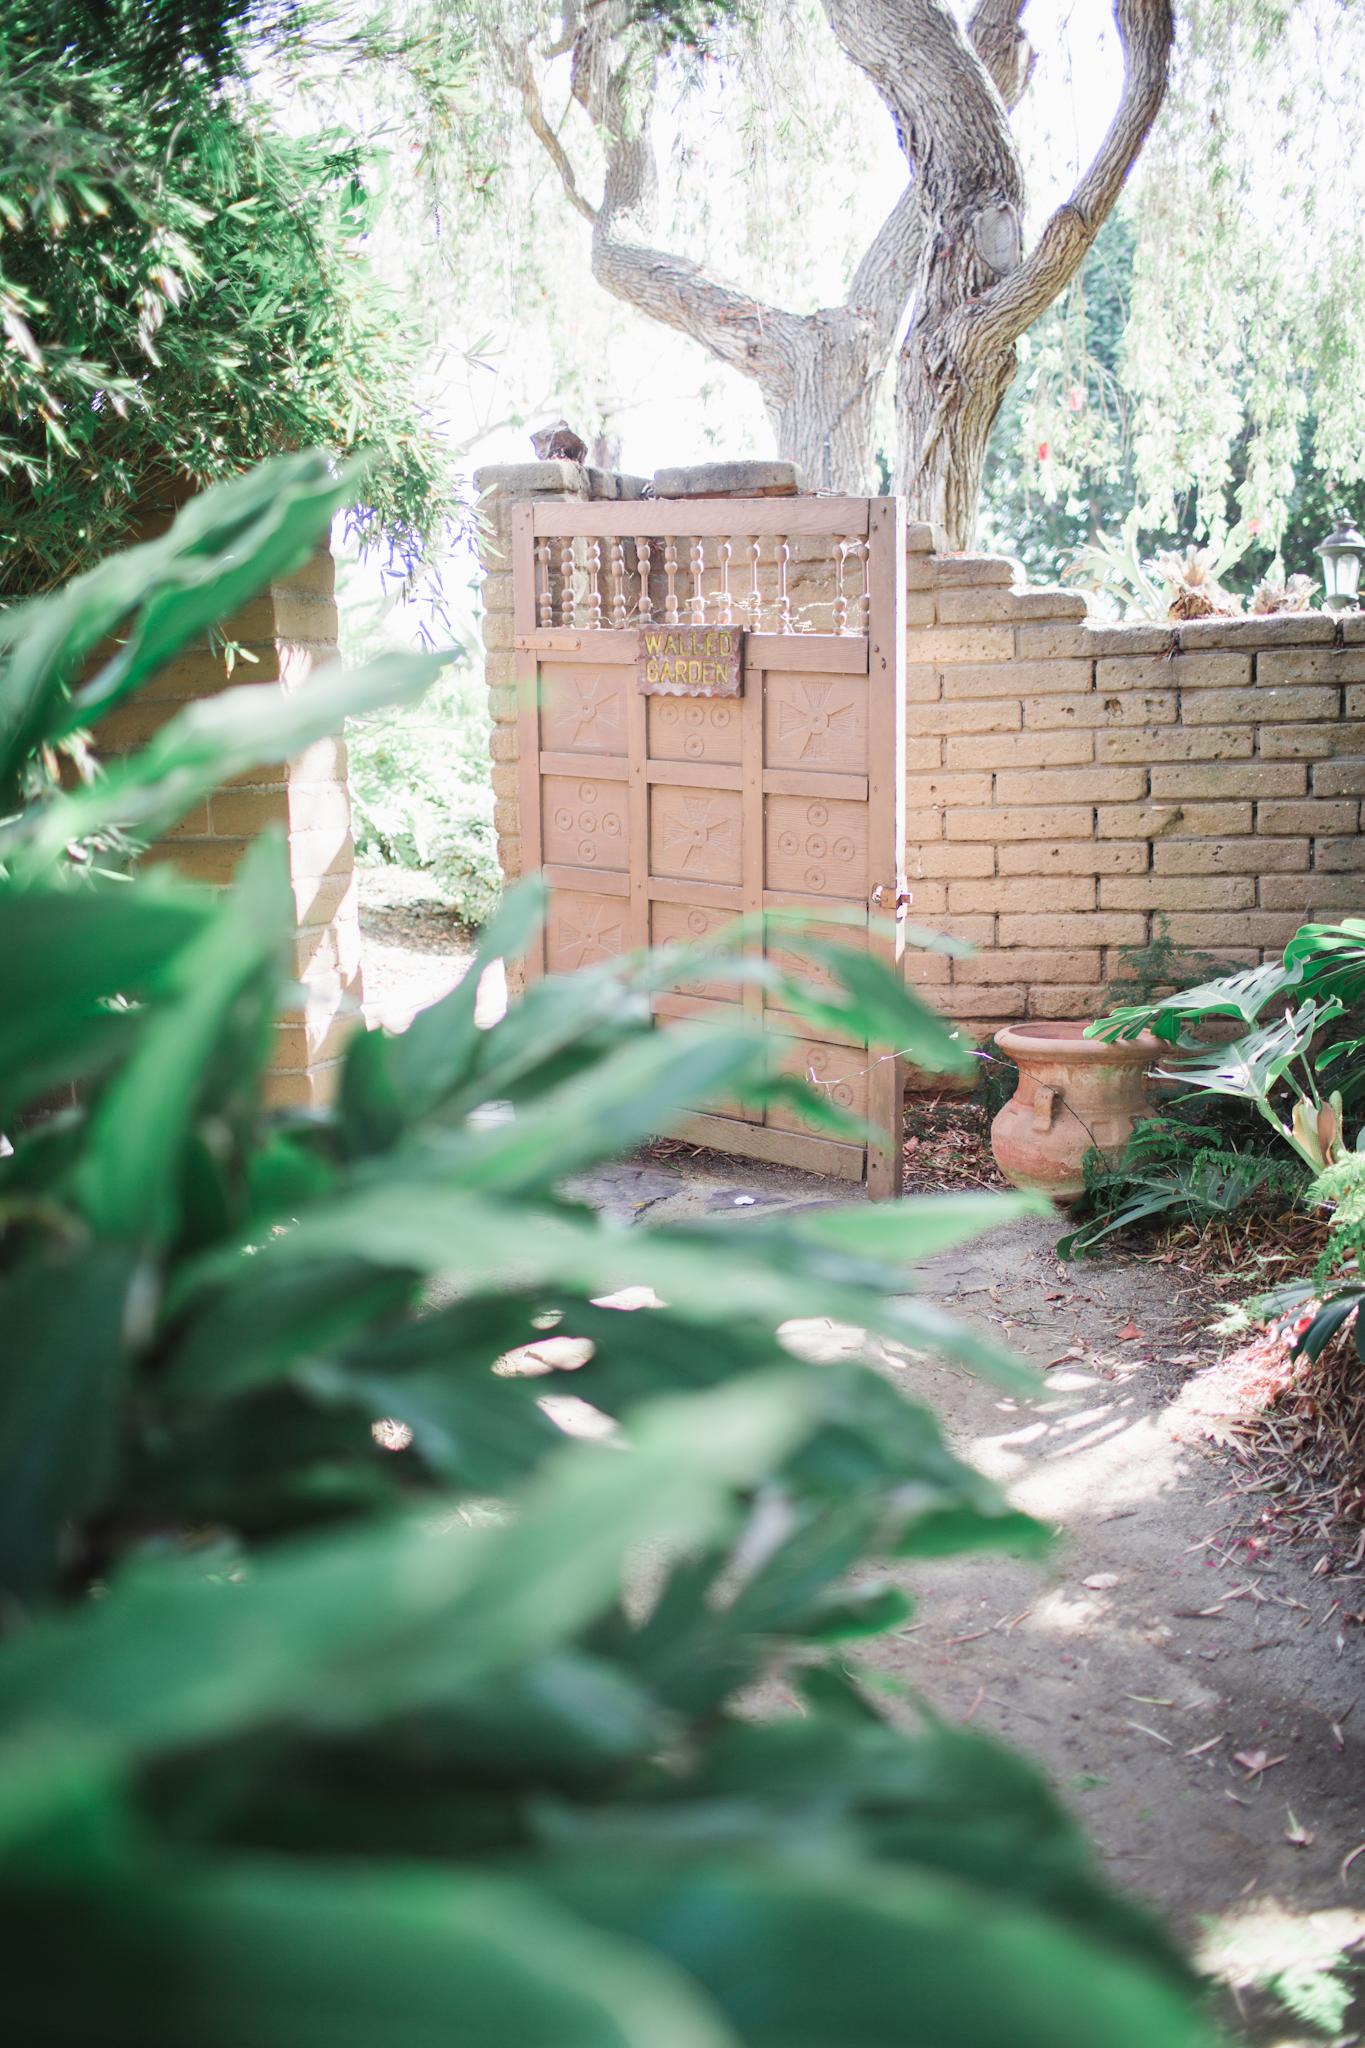 Such a cute garden and cute little door